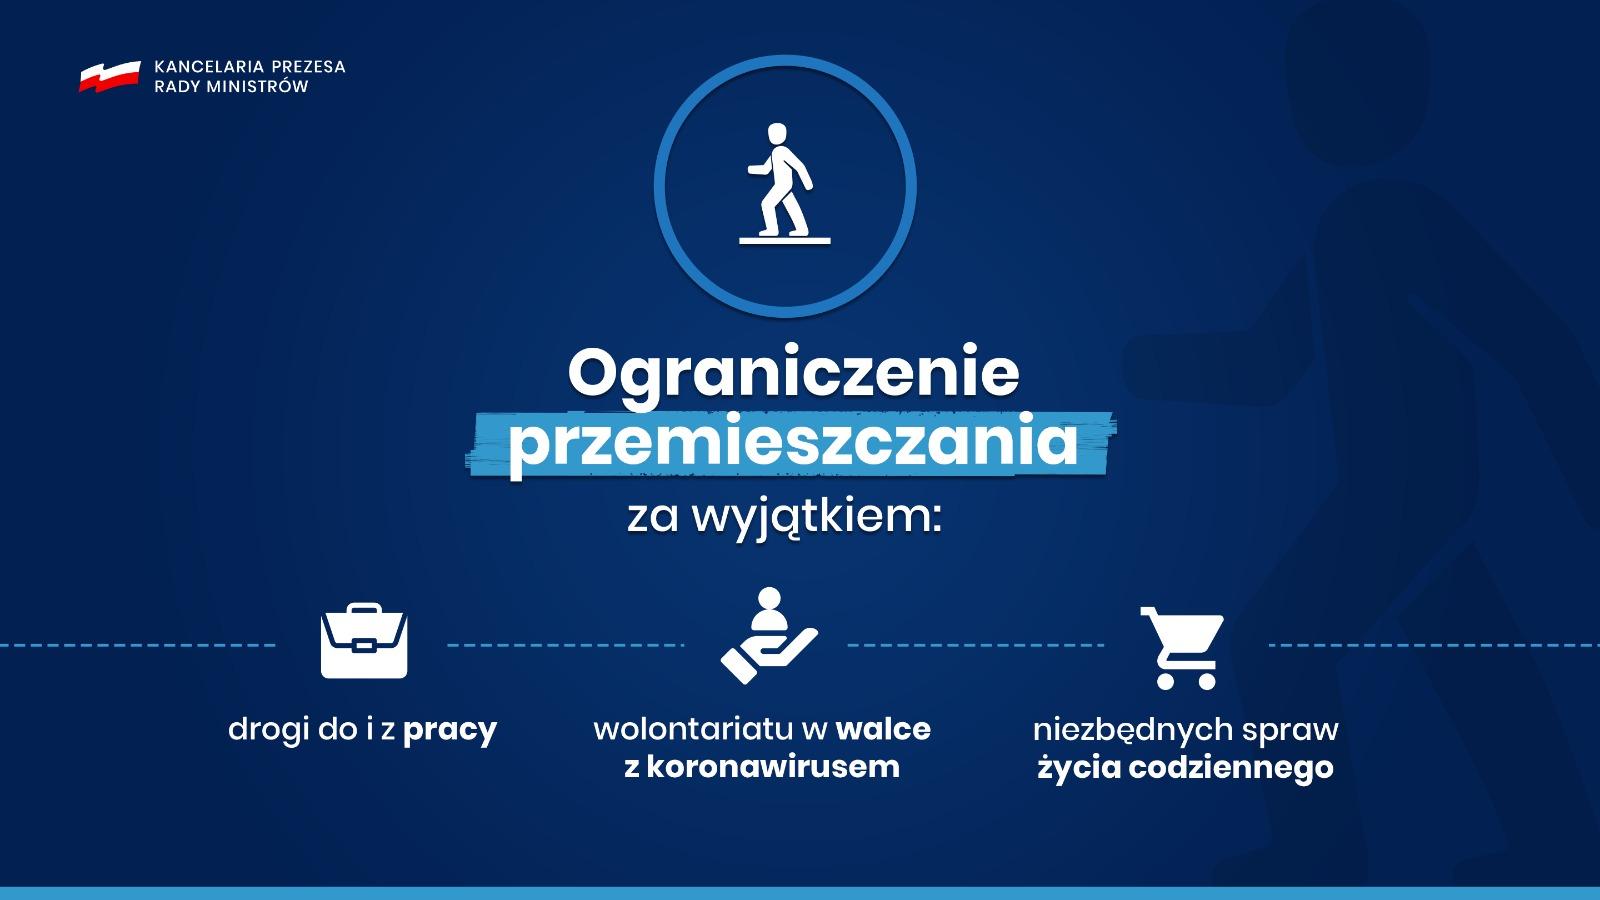 nowe_zasady_bezpieczenstwa.jpg